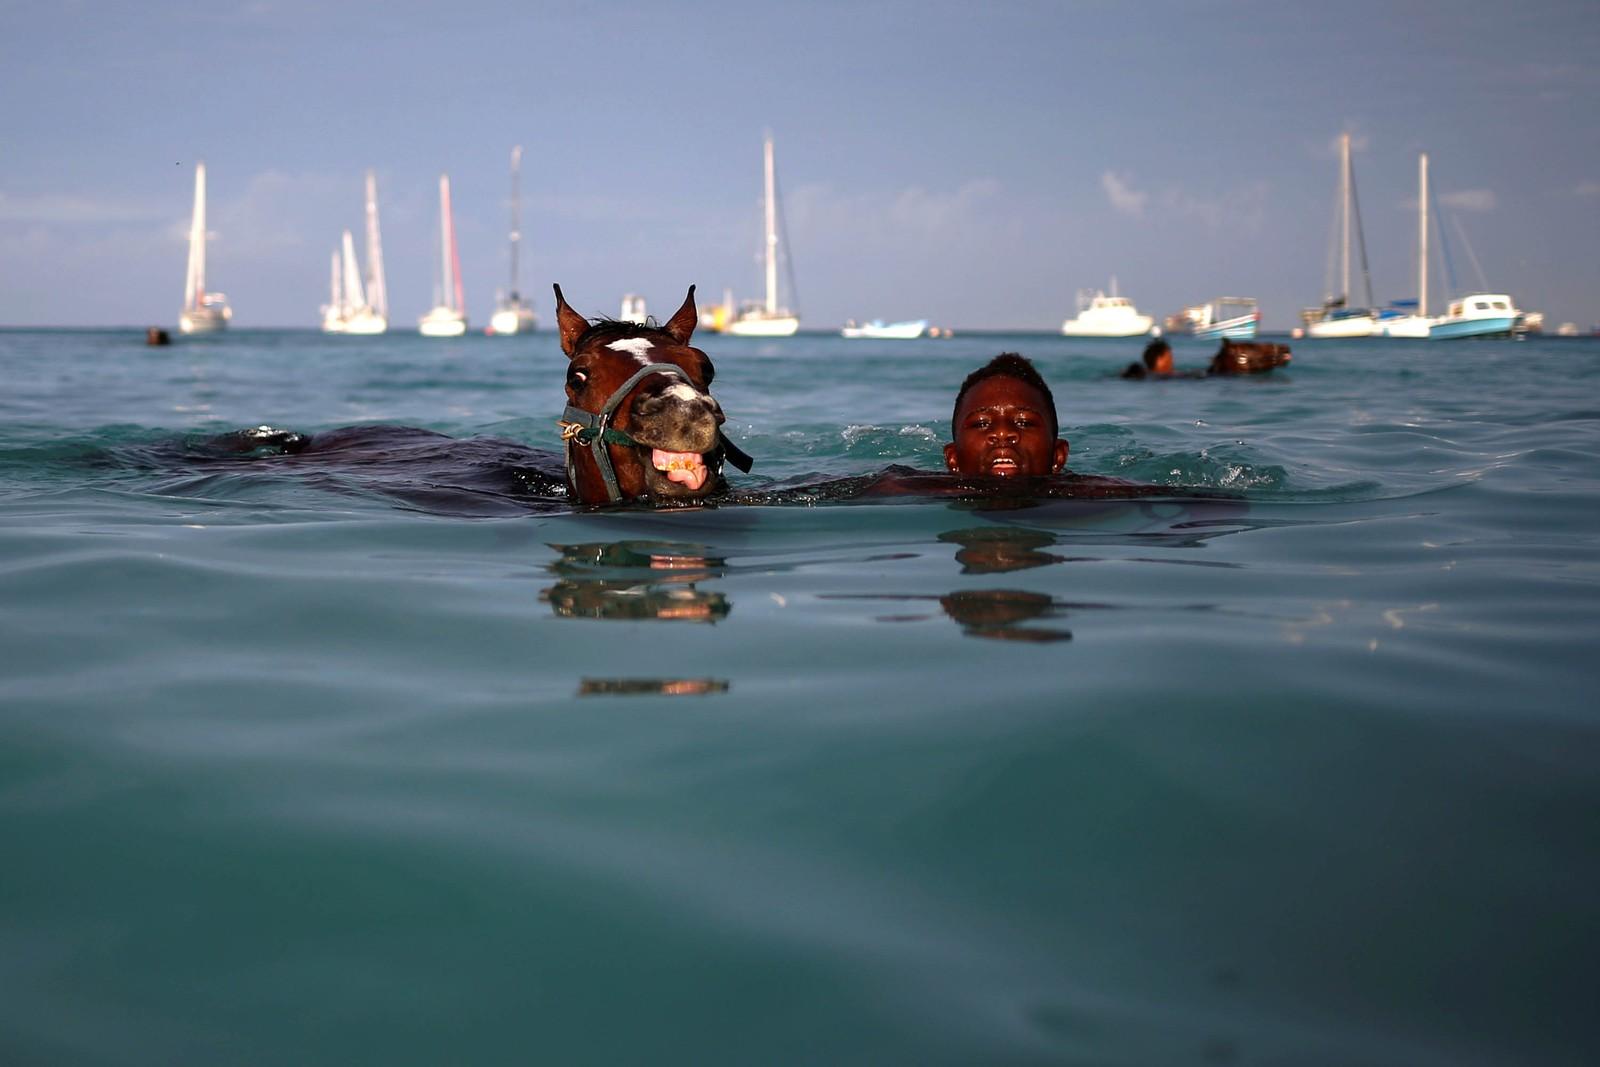 På svømmetur utenfor Bridgetown i Barbados.